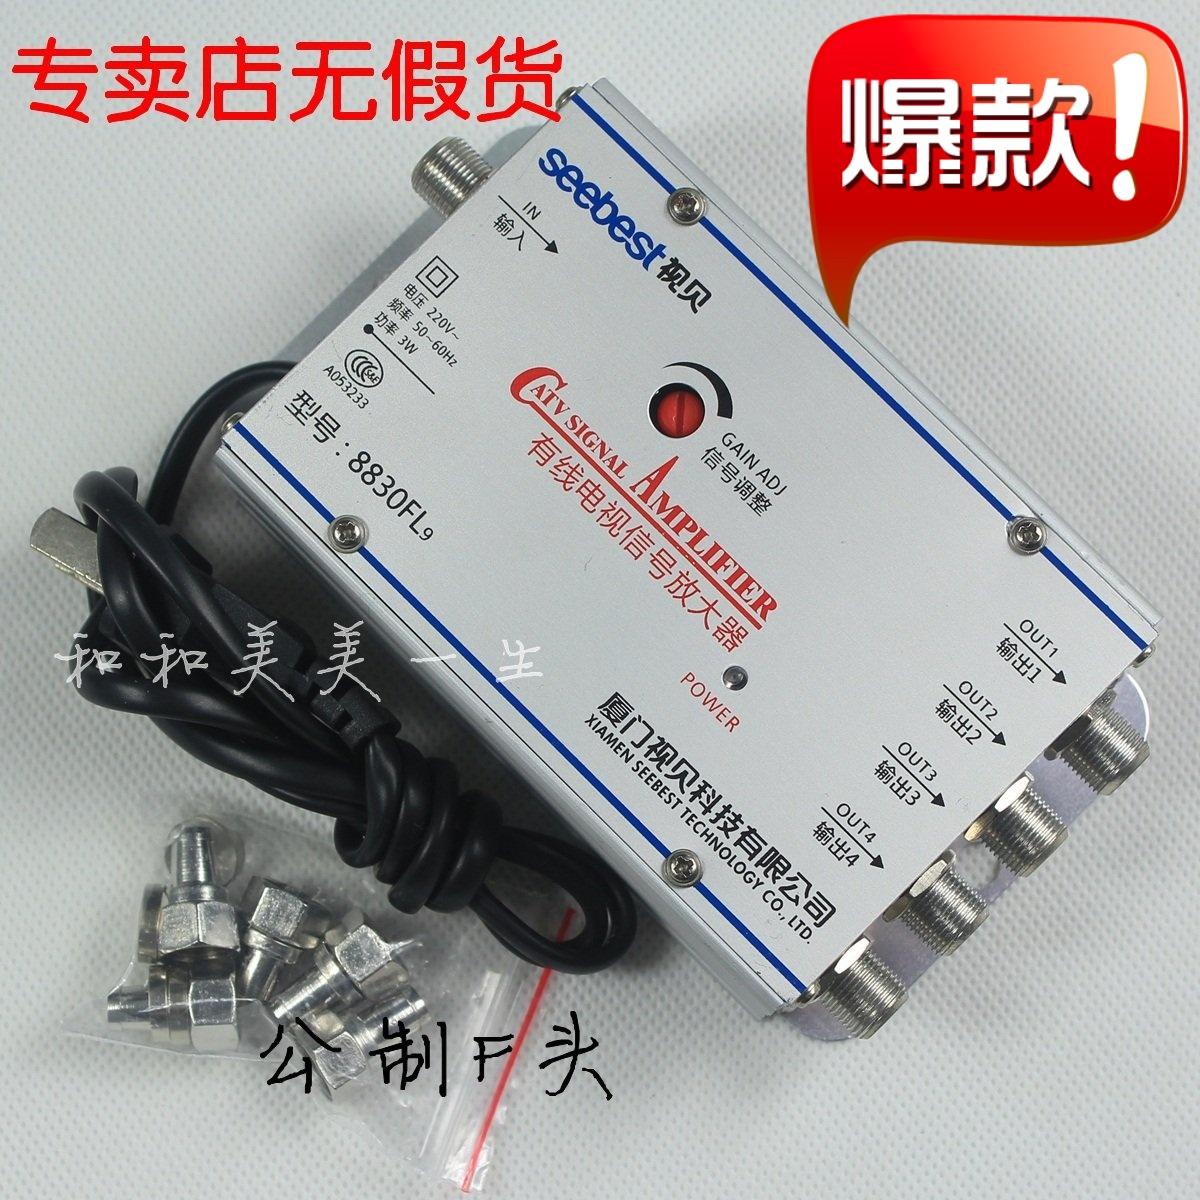 Оригинал Белл домой имеет Усилители линейного ТВ-сигнала слово Gain 30DB усиленная замкнутая схема SB8830FL9